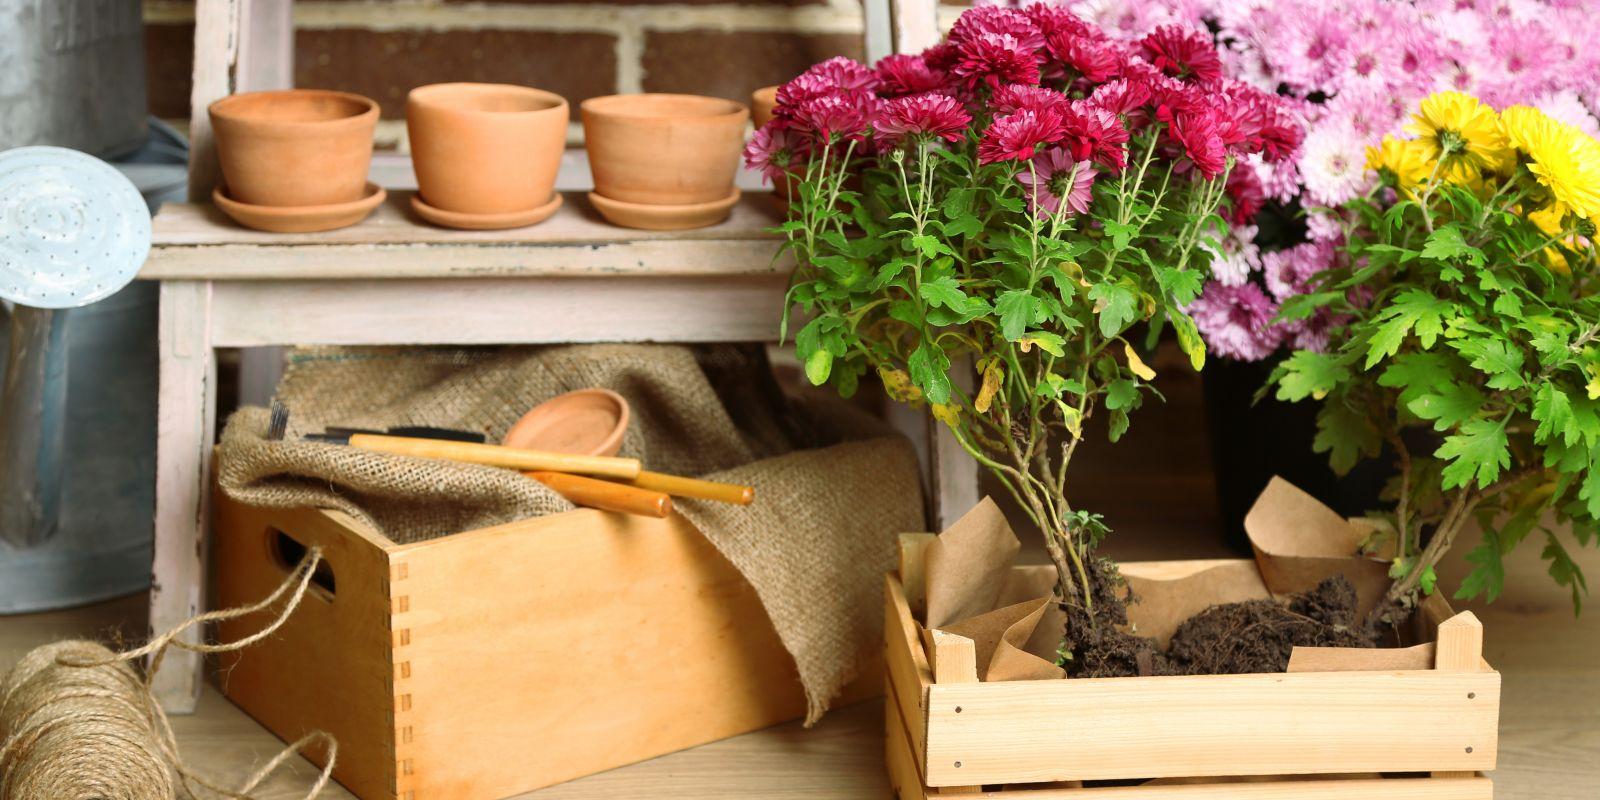 Nachhaltigkeit im Garten und auf dem Balkon: umweltfreundliche Pflanzenkübel